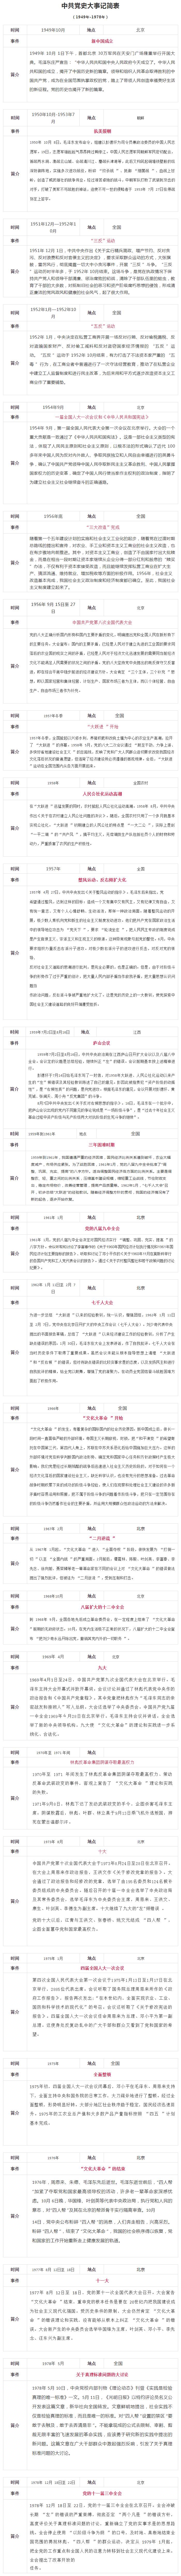 中国共产党大事记简表(1949―1978)